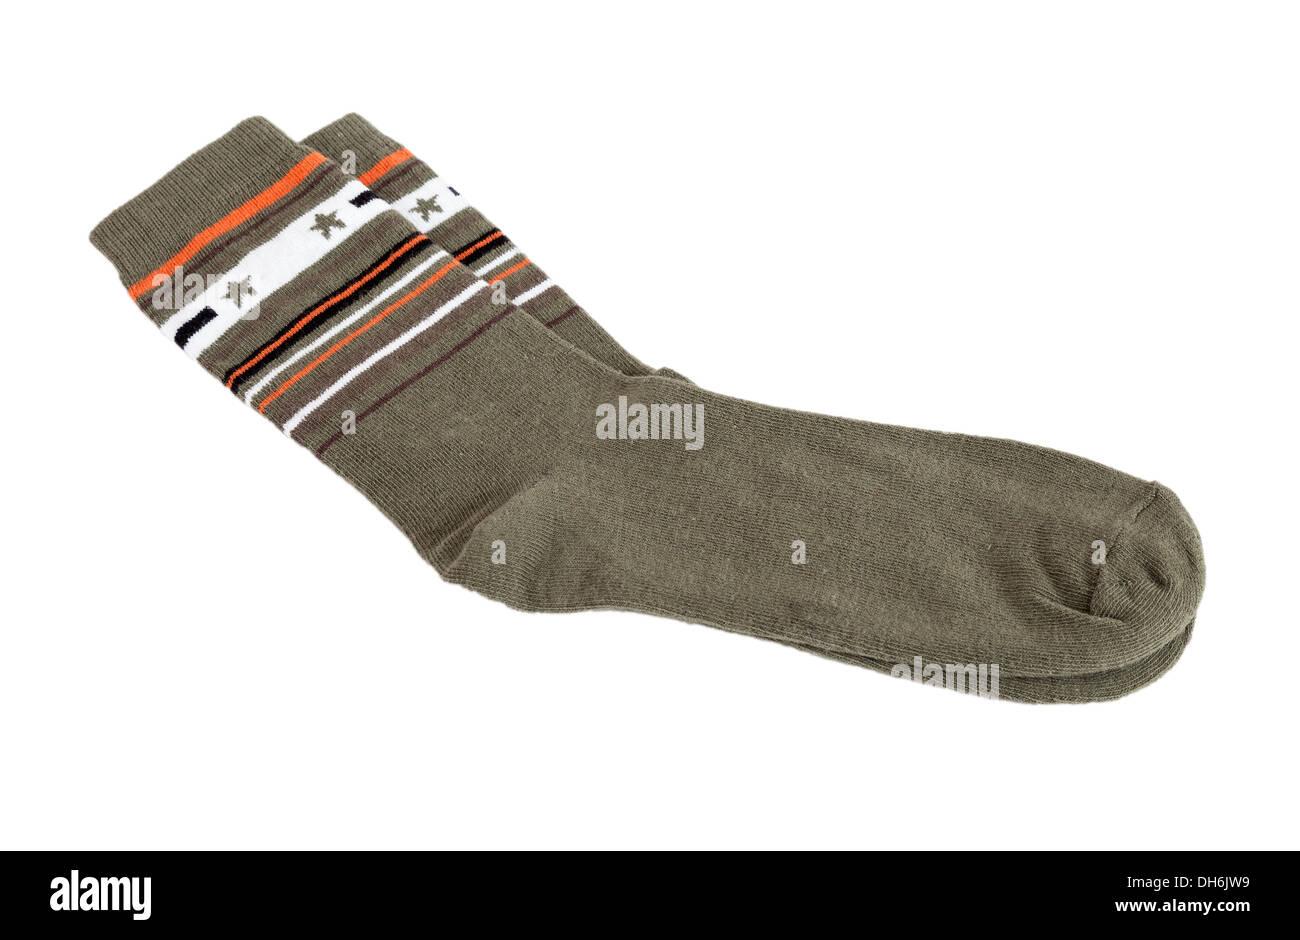 Pair of fashionable socks isolated on white background - Stock Image